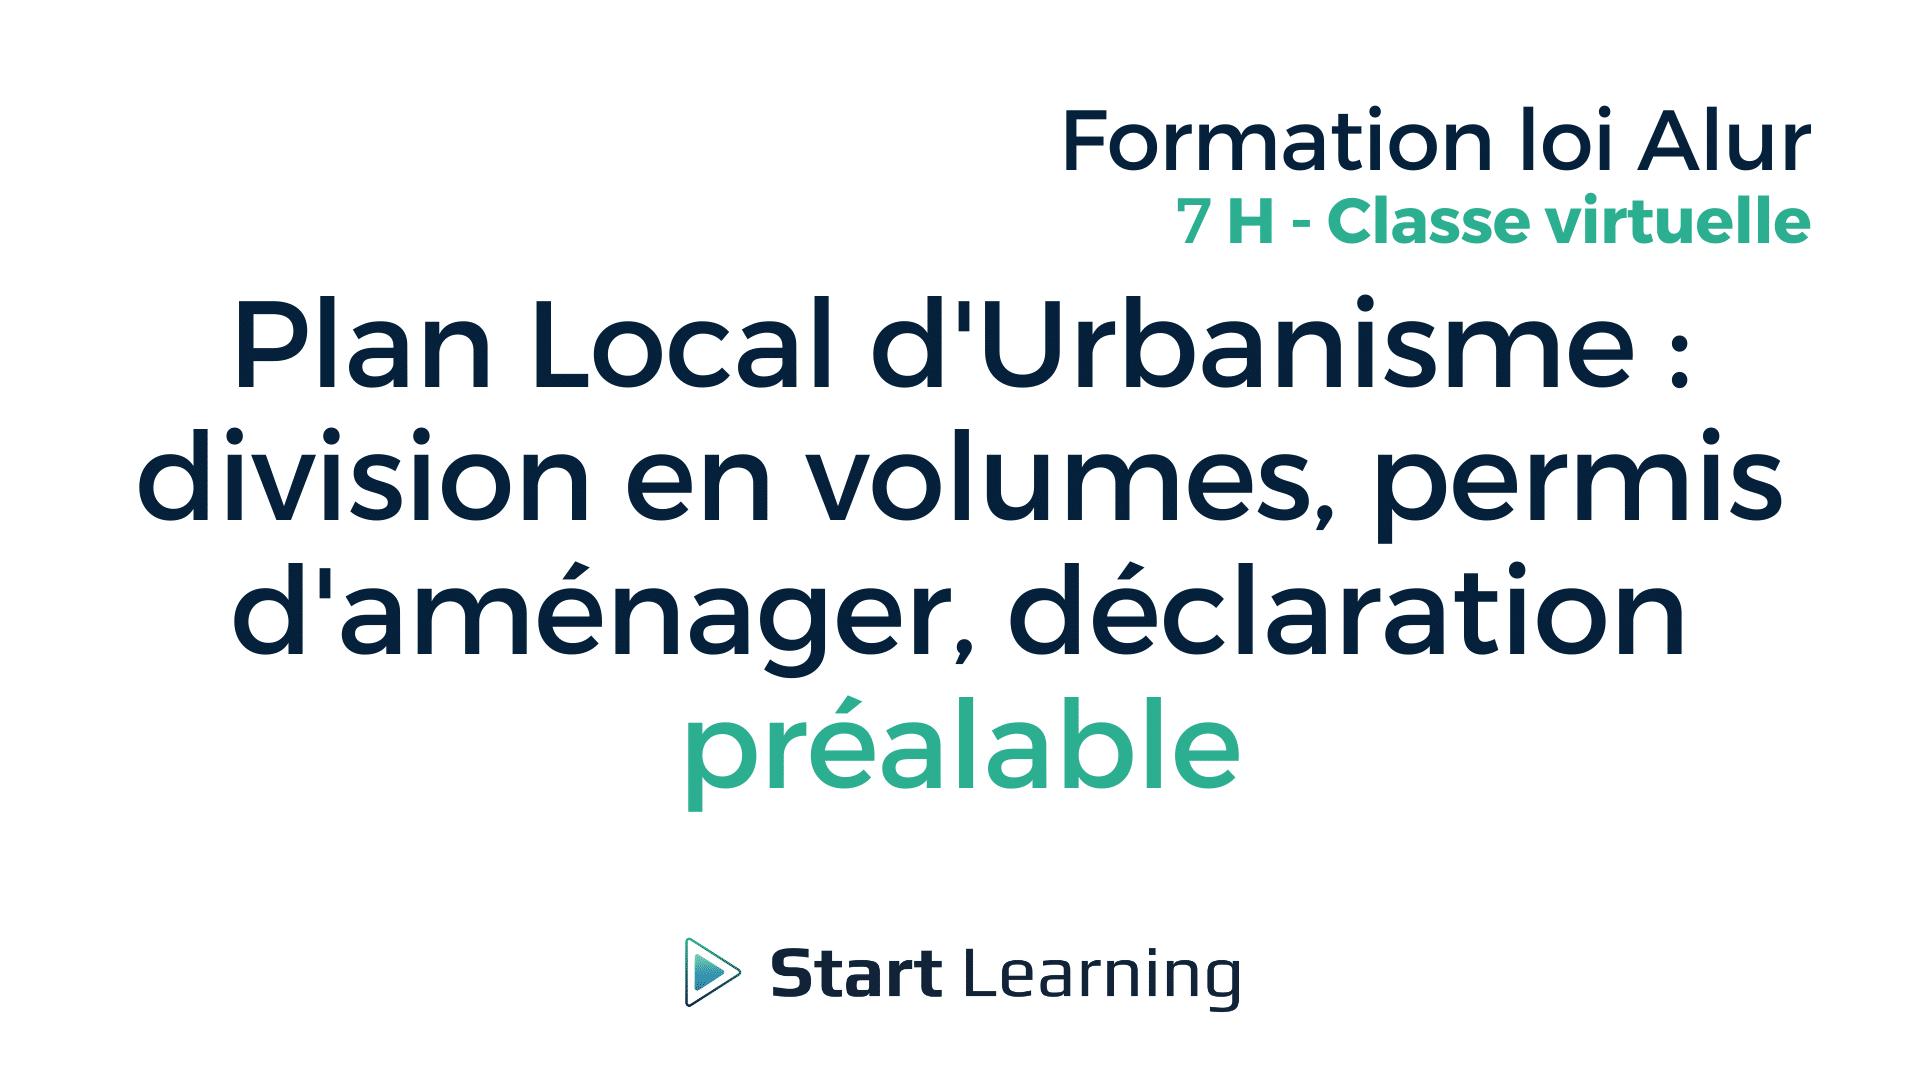 Plan Local d'Urbanisme_division en volumes, permis d'aménager, déclaration préalable - Classe virtuelle